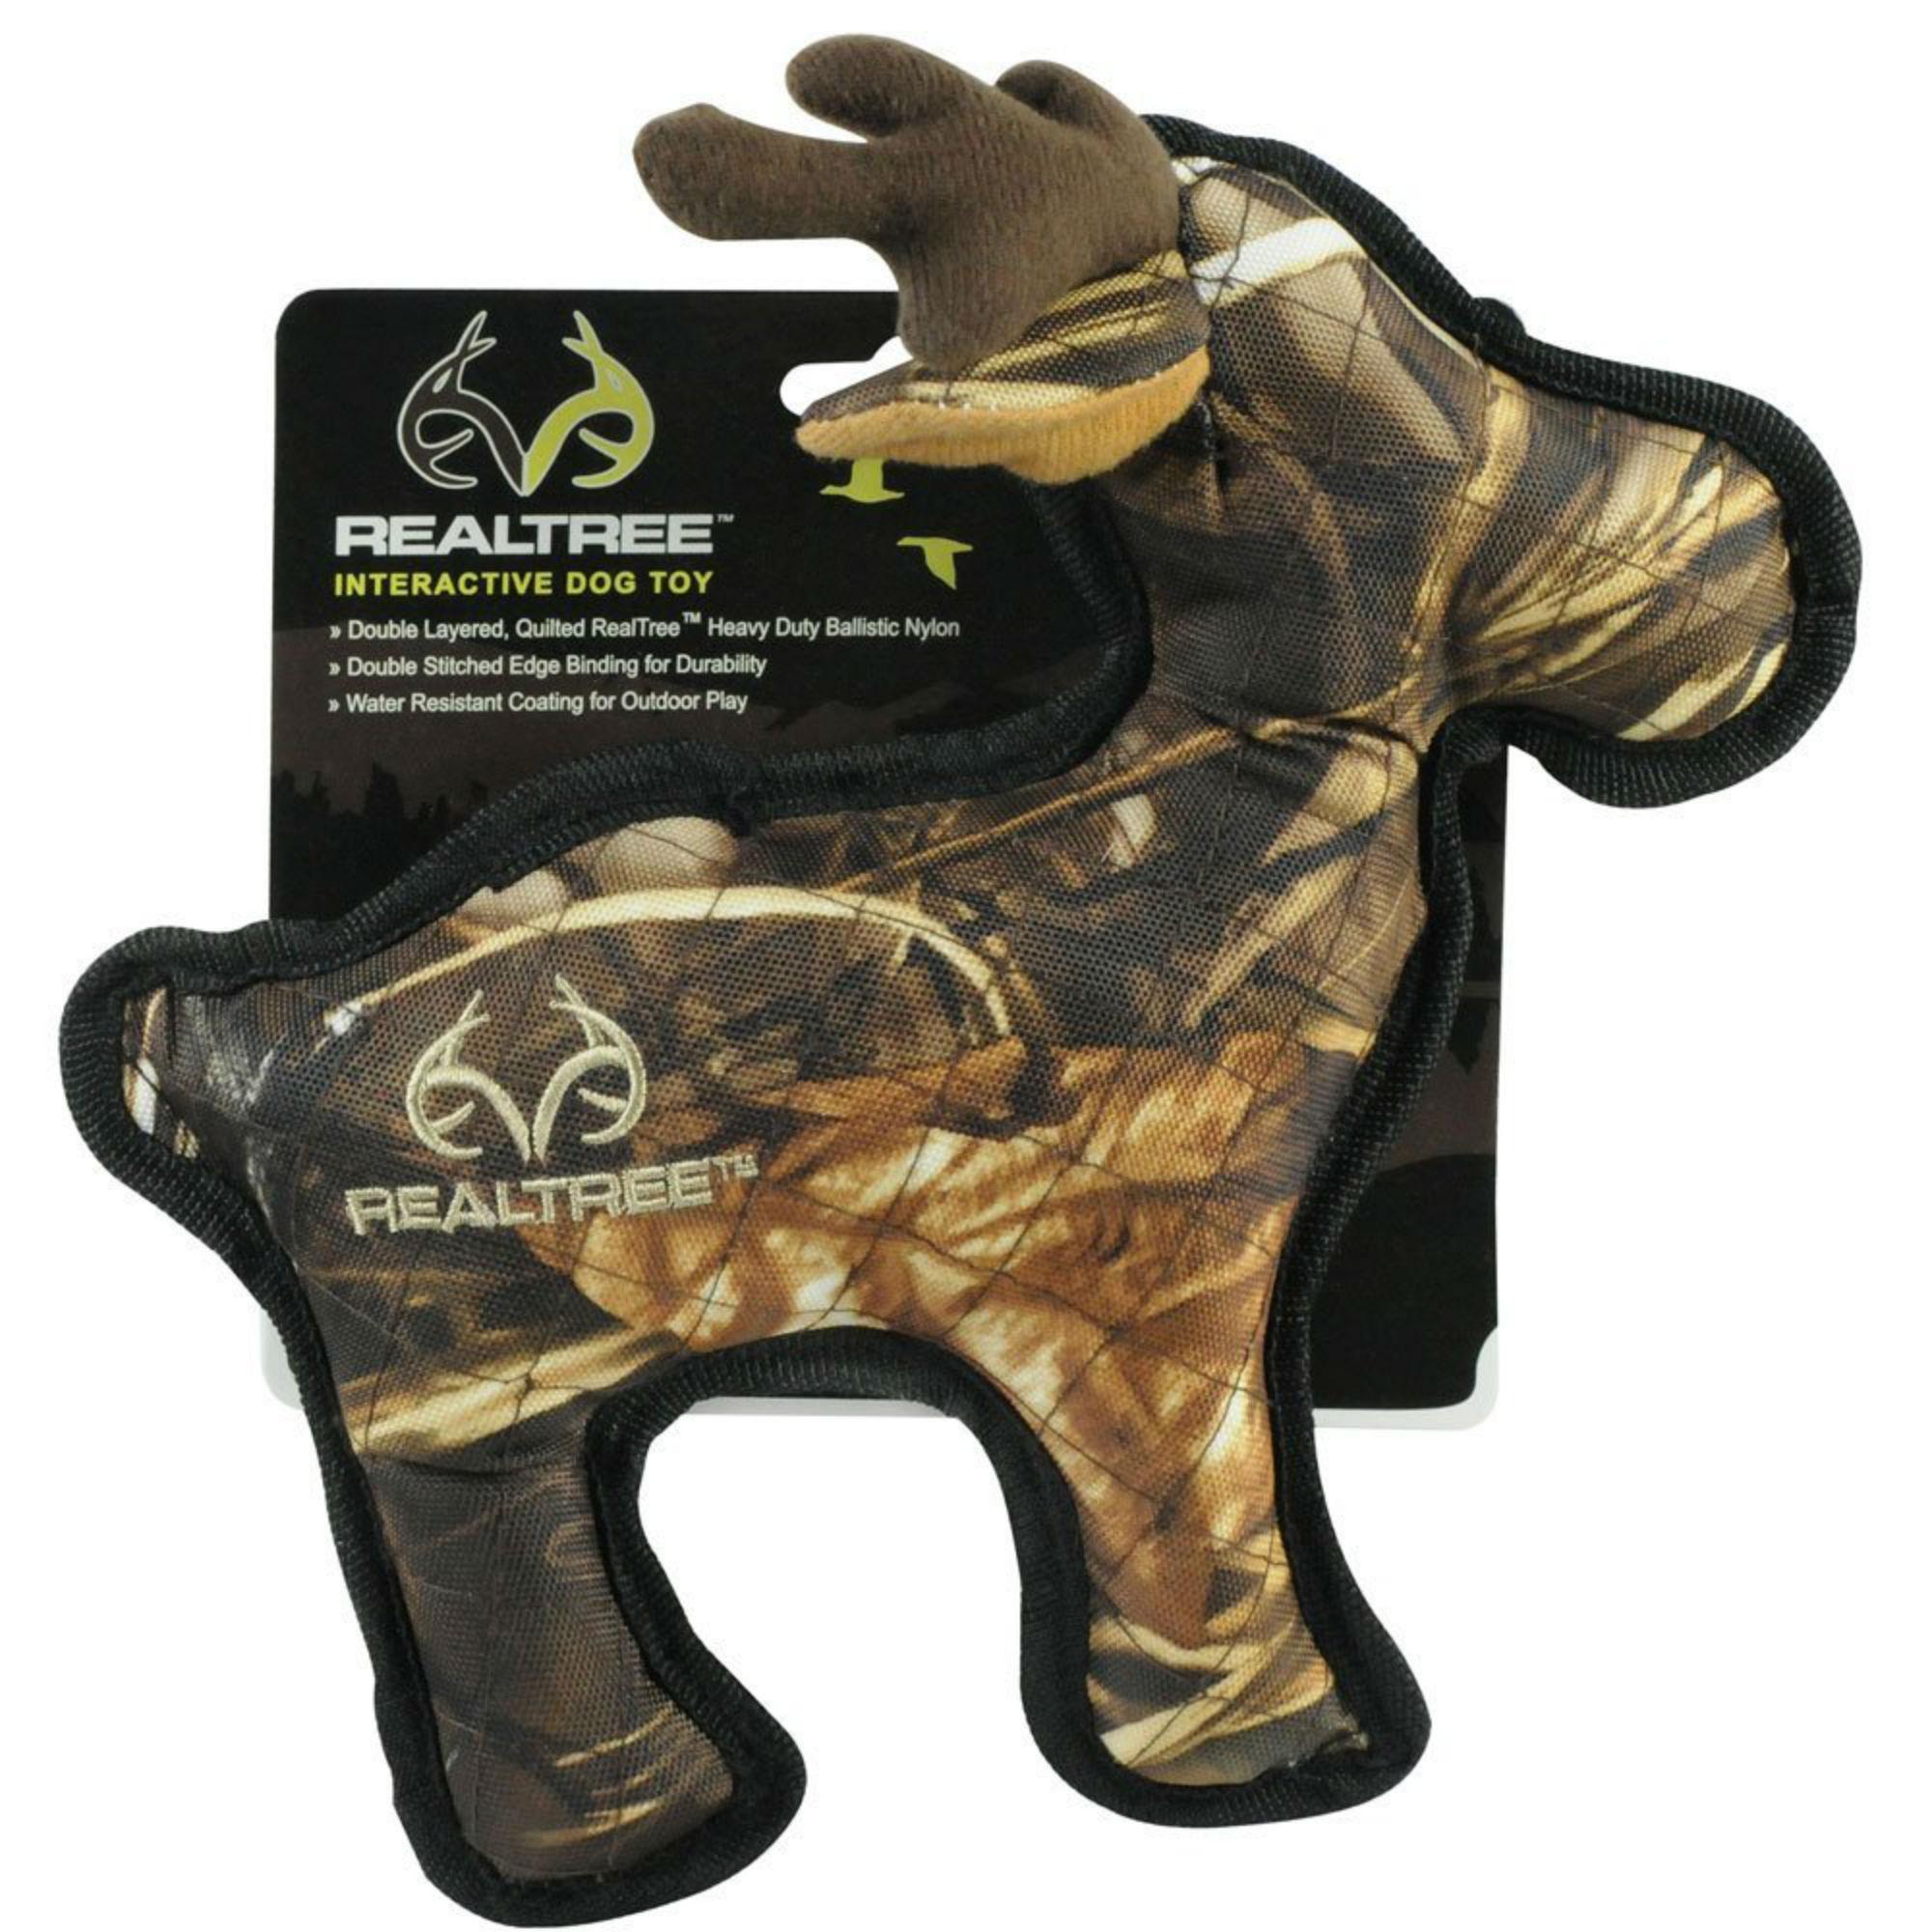 RealTree Camo Tough Dog Toy - Moose